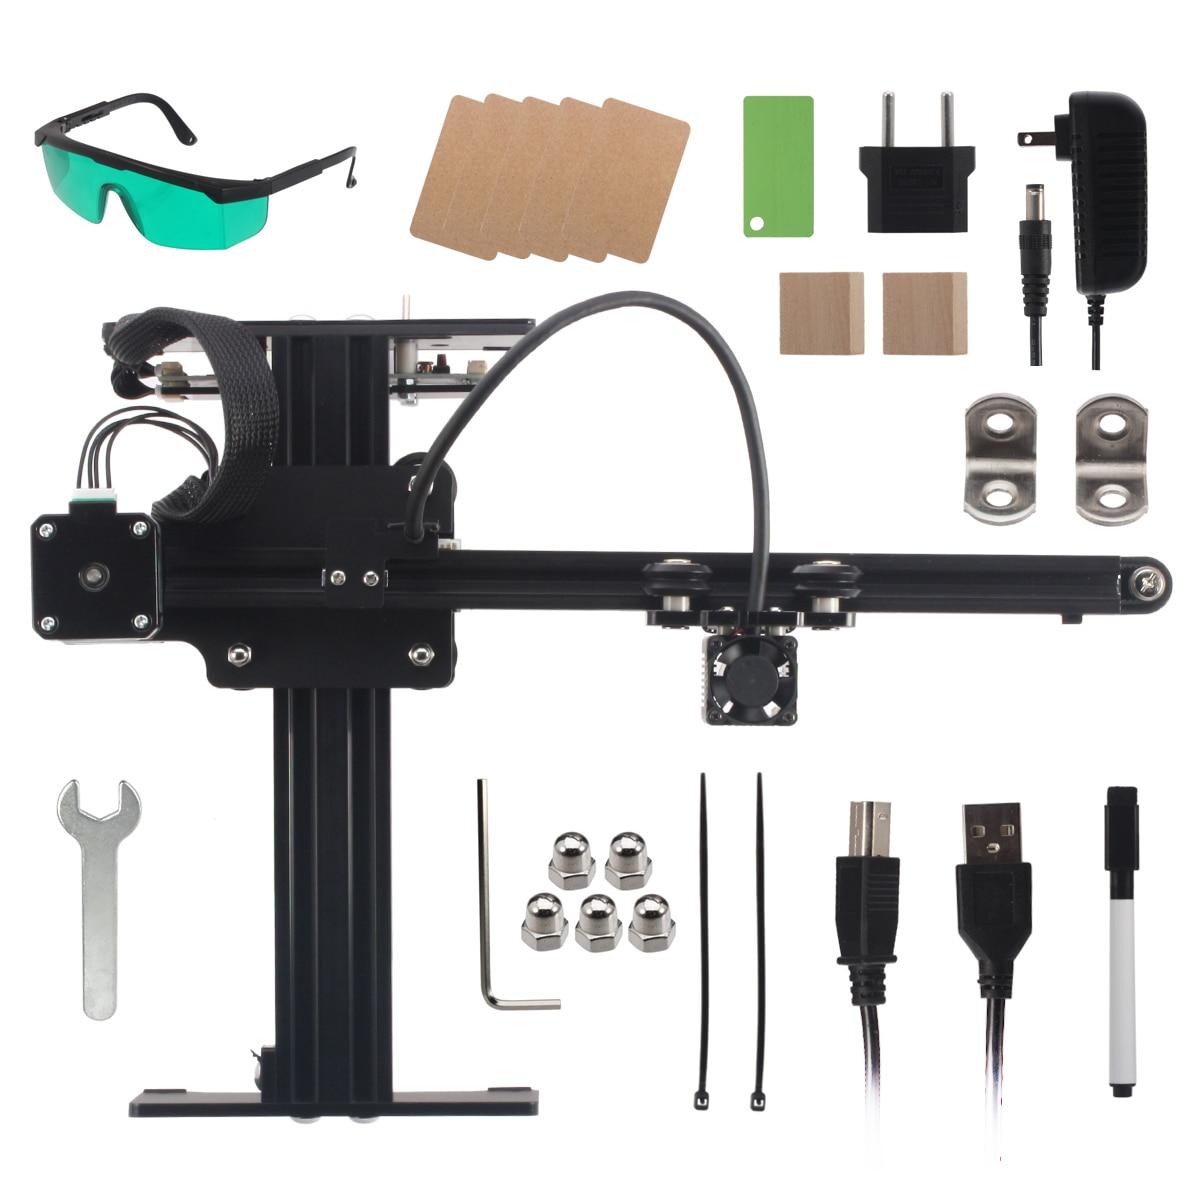 NEJE Master 3500 MW 43*27 cm Mini Machine de gravure Laser 2 axes bricolage graveur bureau bois routeur/Cutter/imprimante + lunettes Laser